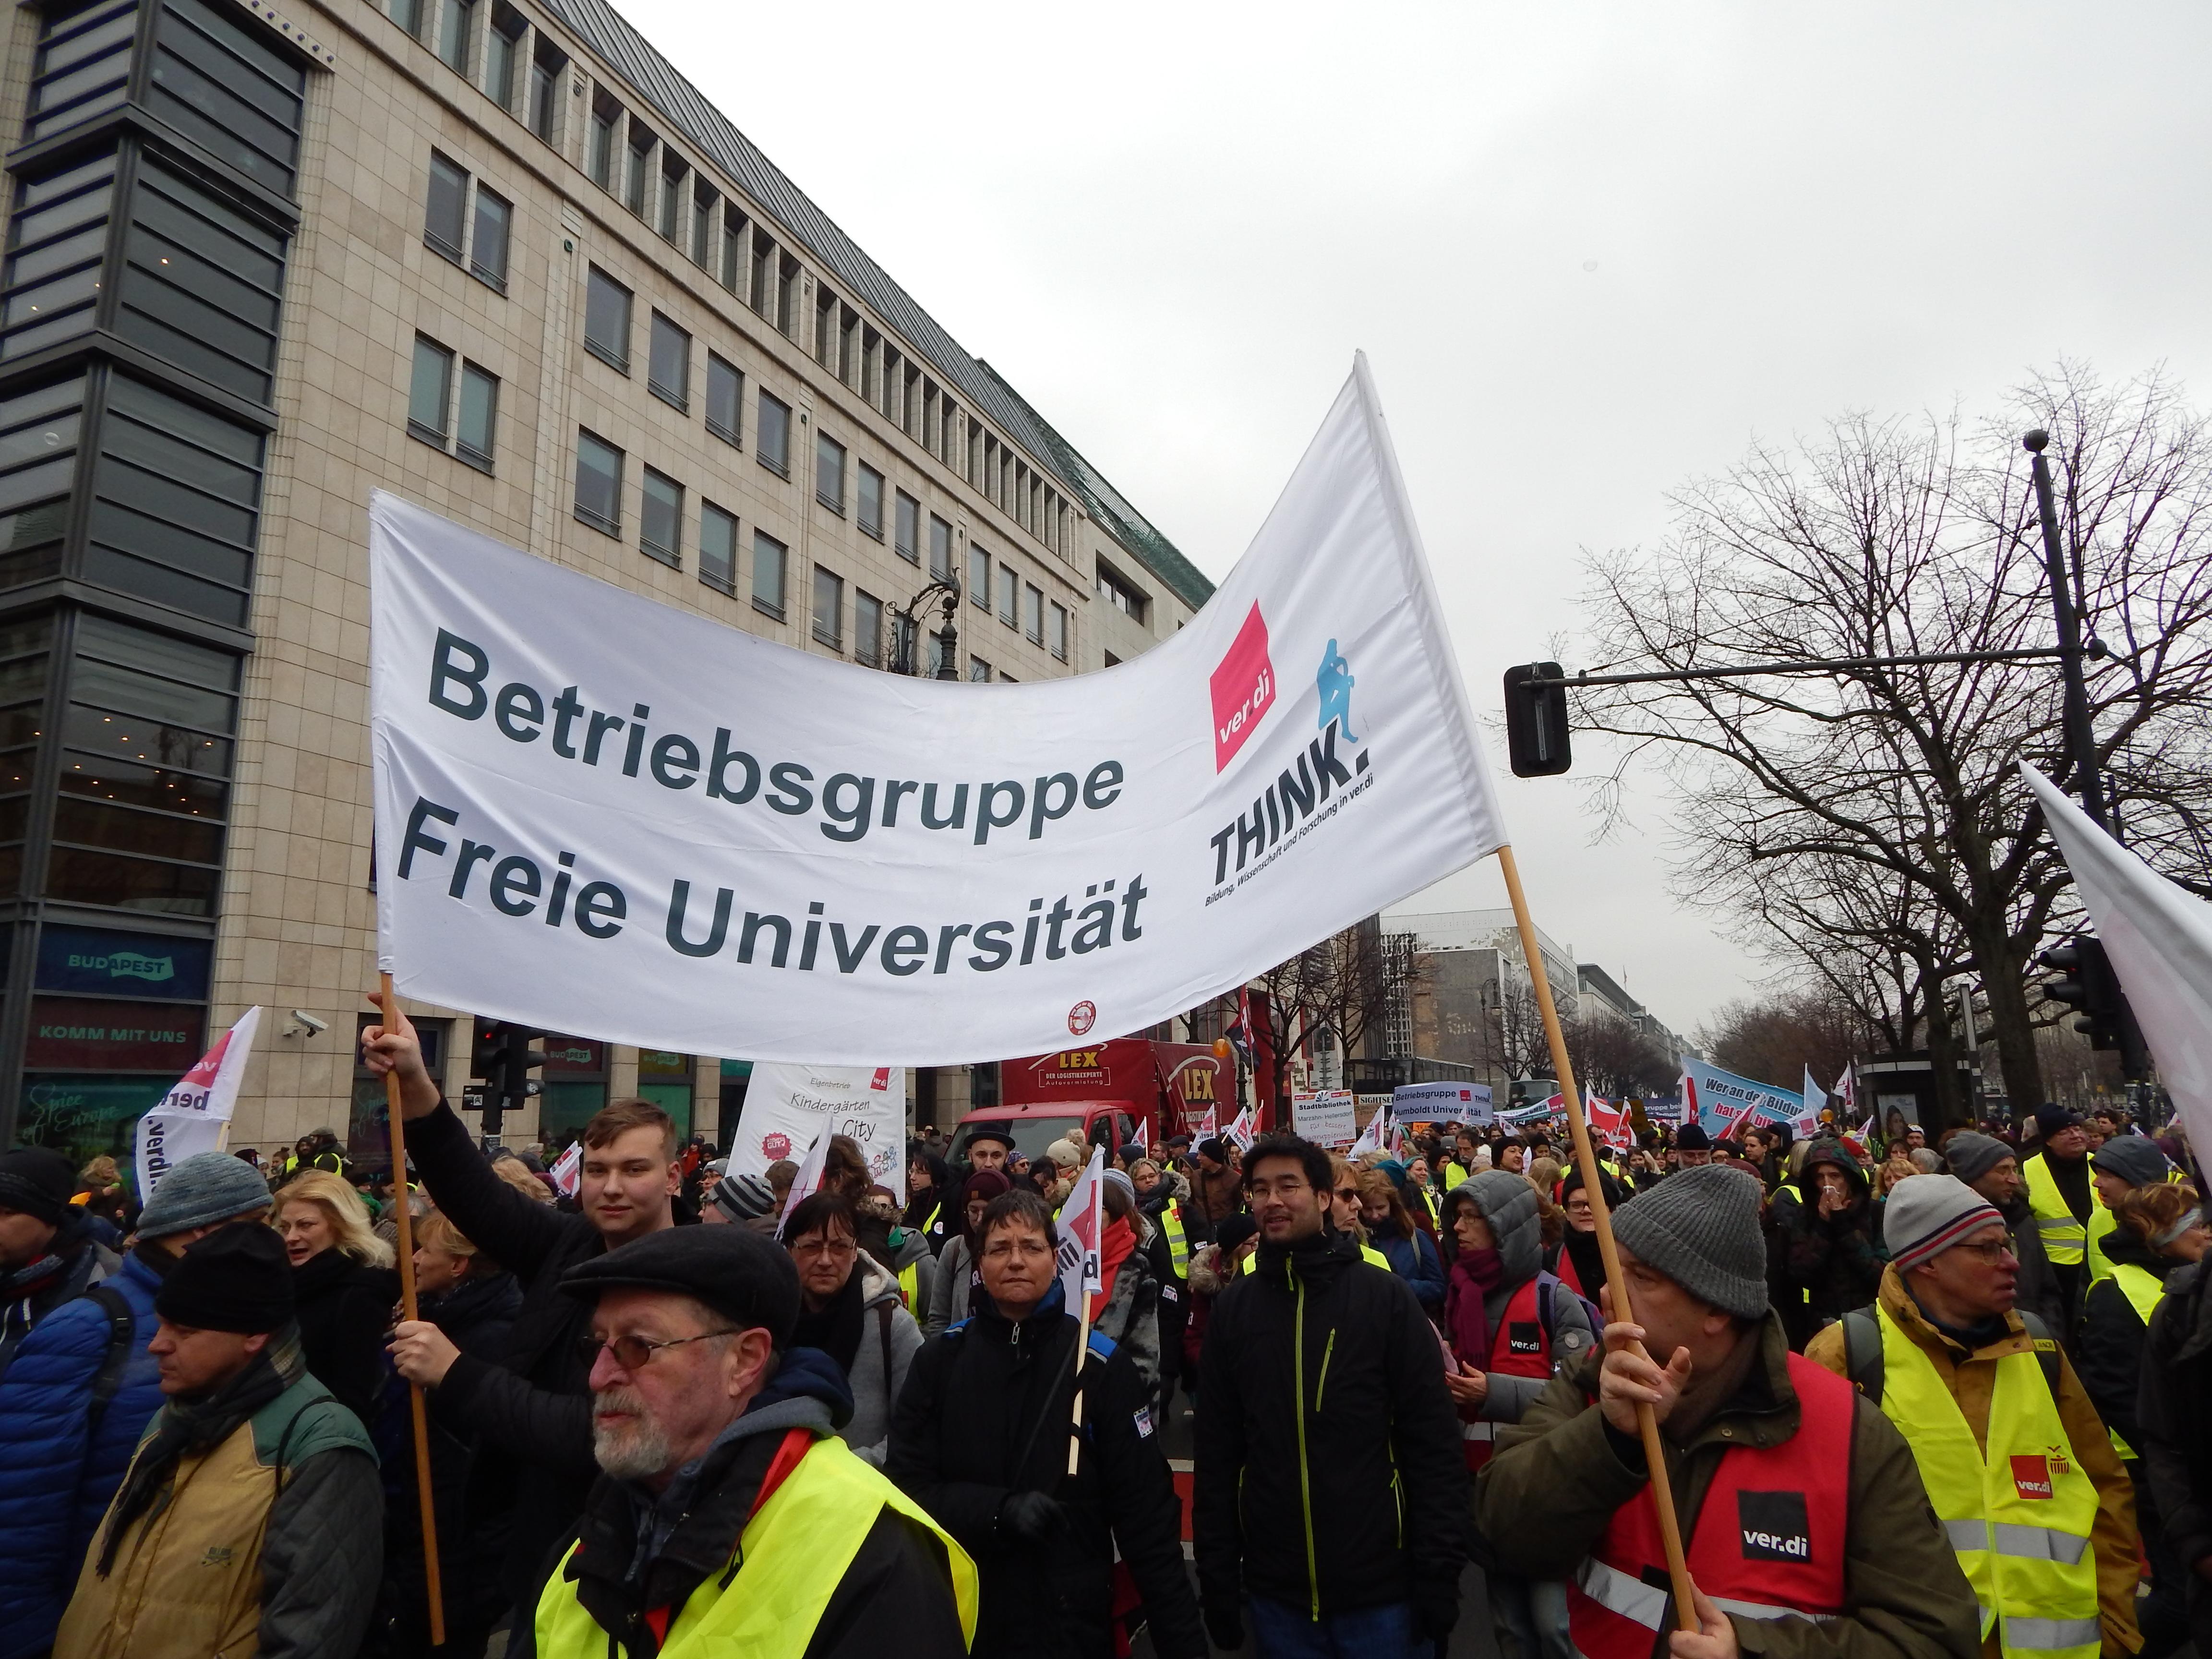 Aufruf zum *erneuten* ganztägigen Warnstreik am Mittwoch, den 27. Februar 2019 – auch Studentische Hilfskräfte sind zum Solidaritätsstreik aufgerufen!